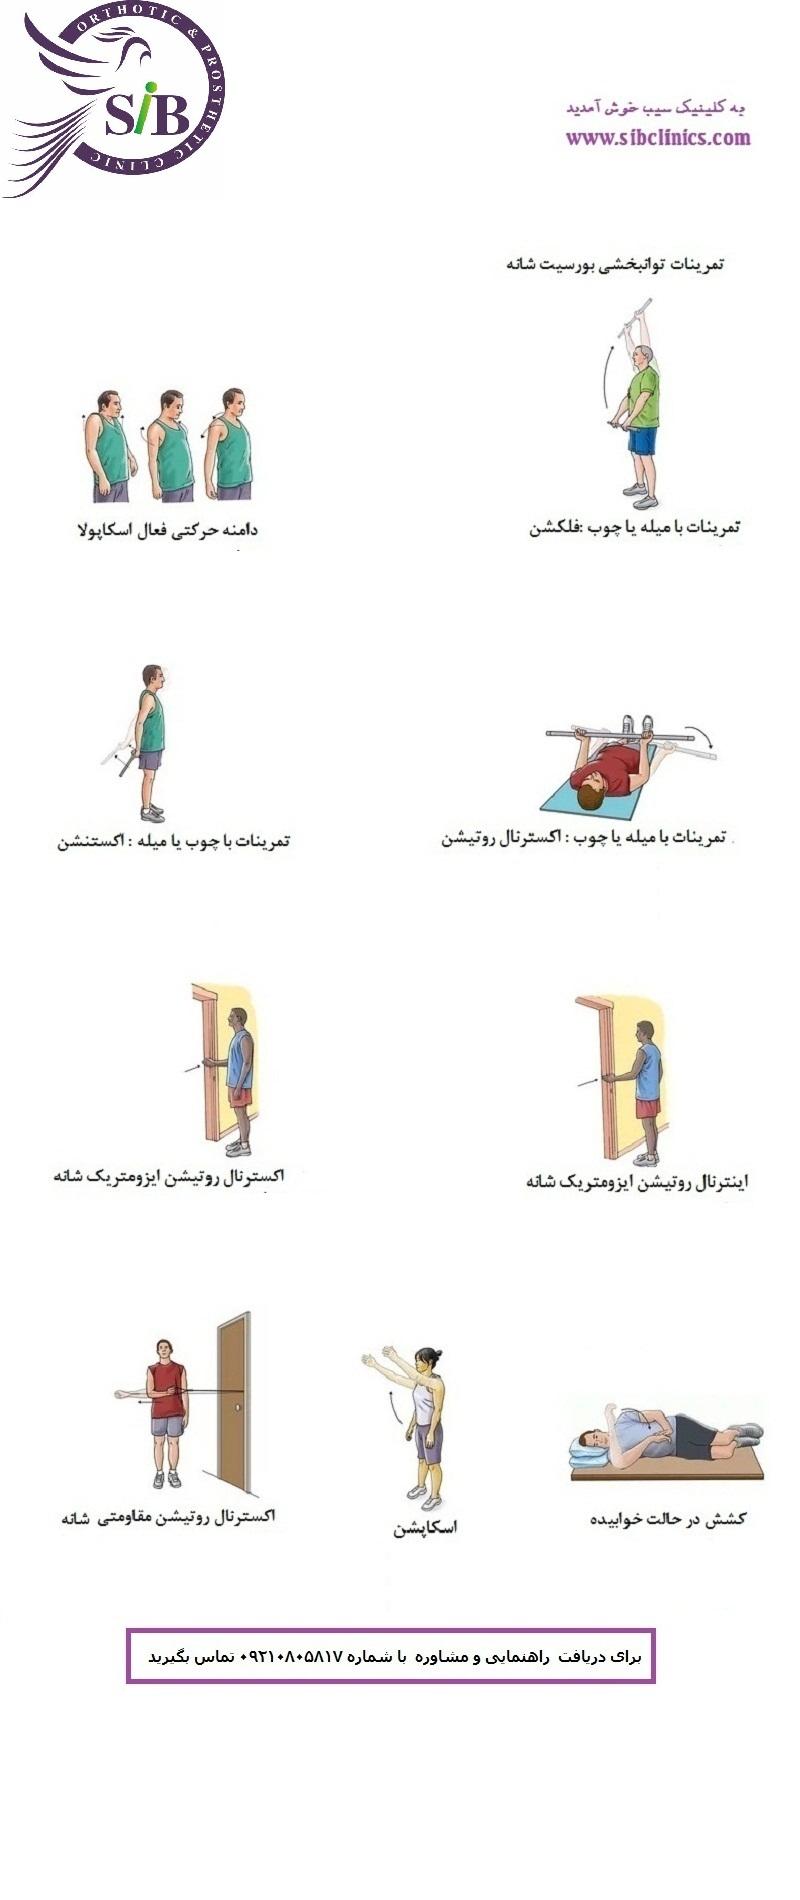 تمرینات توانبخشی  اندام فوقانی 25